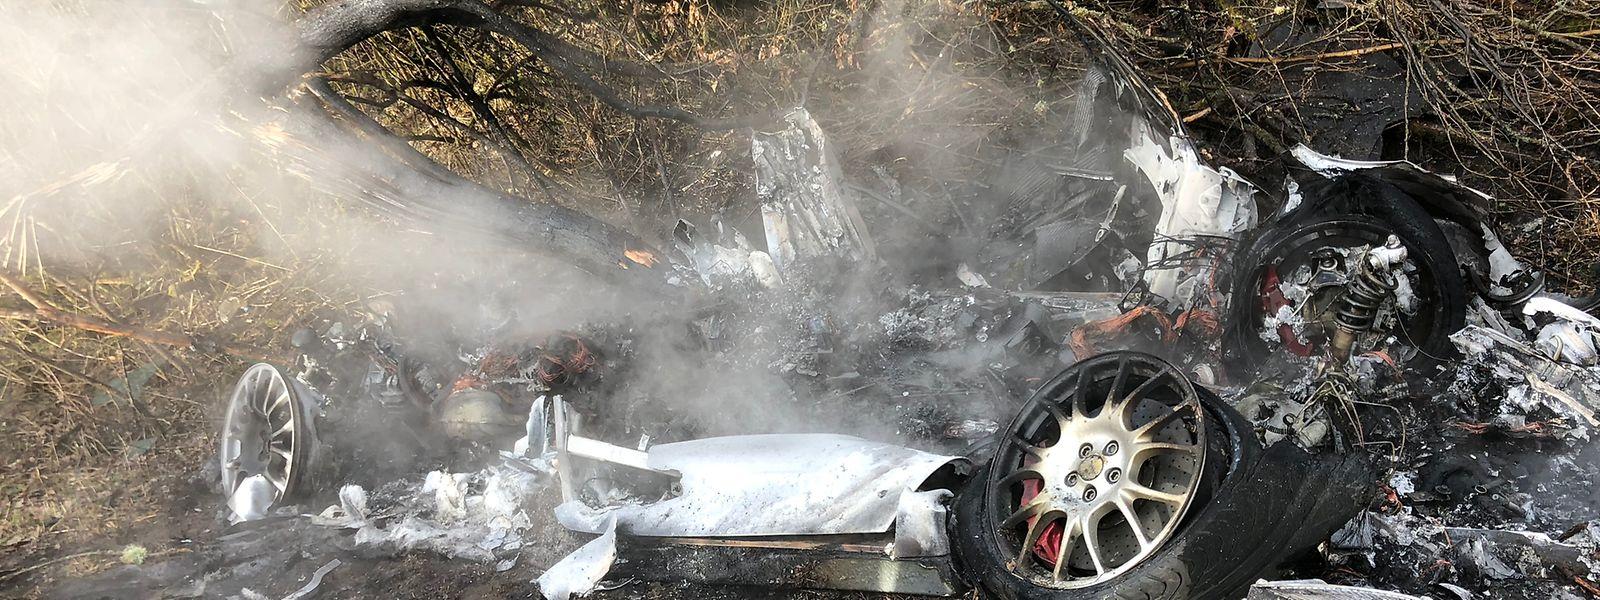 Das Fahrzeug ist ausgebrannt.